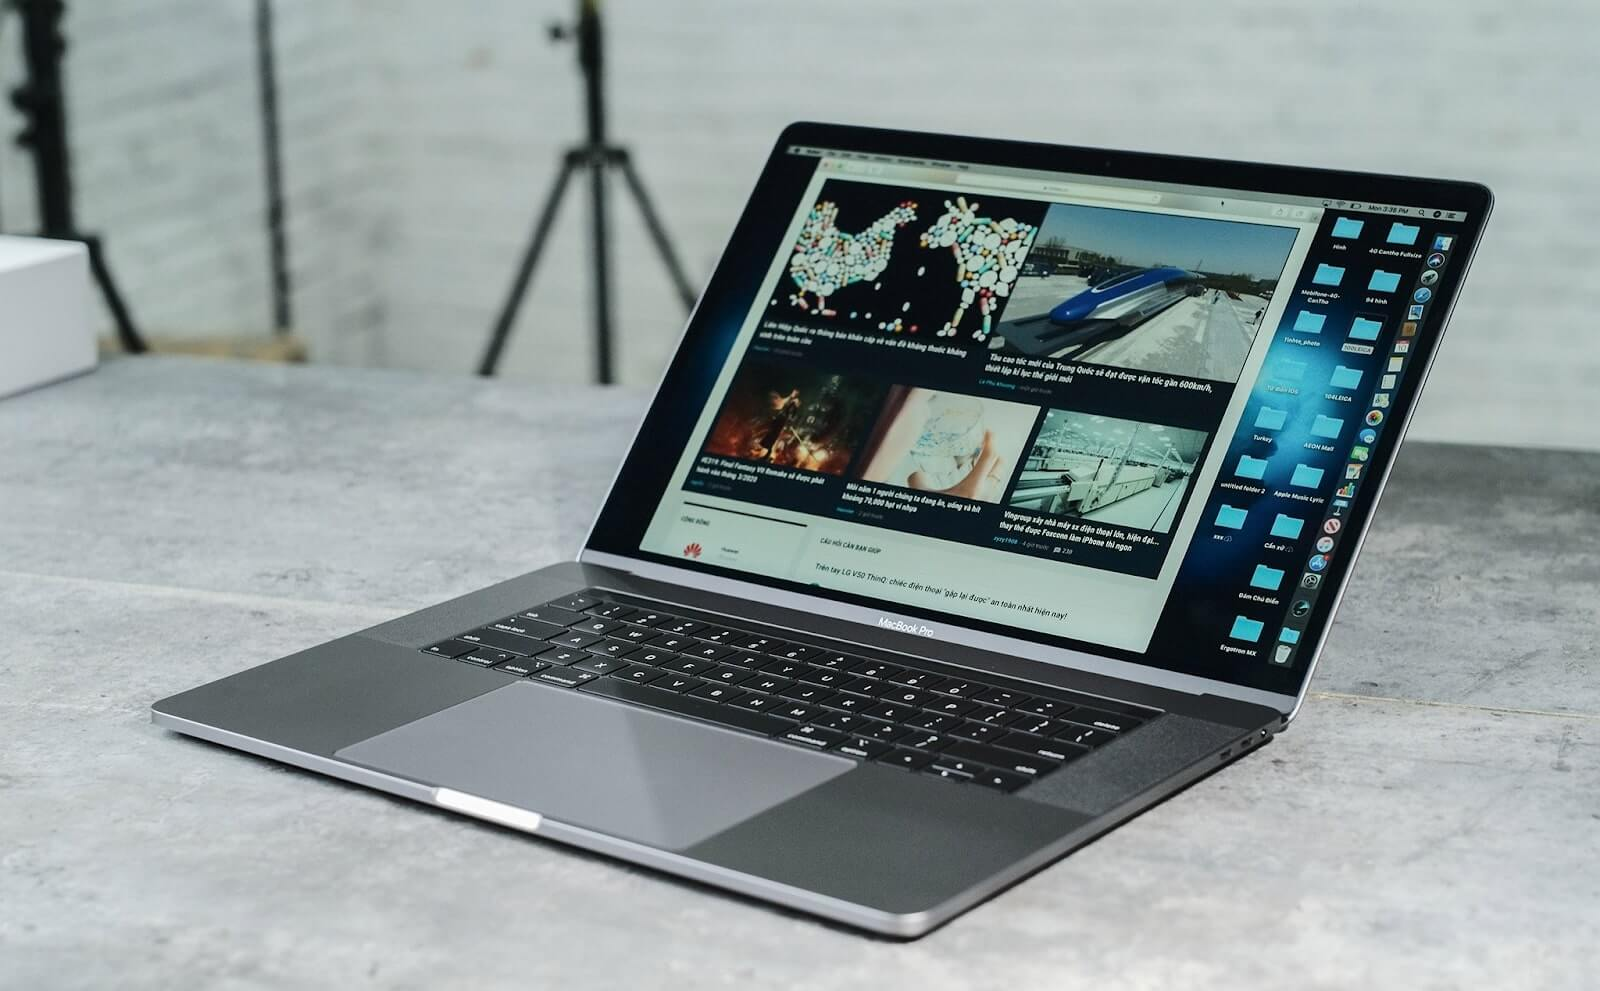 macbook pro 13 làm đồ họa